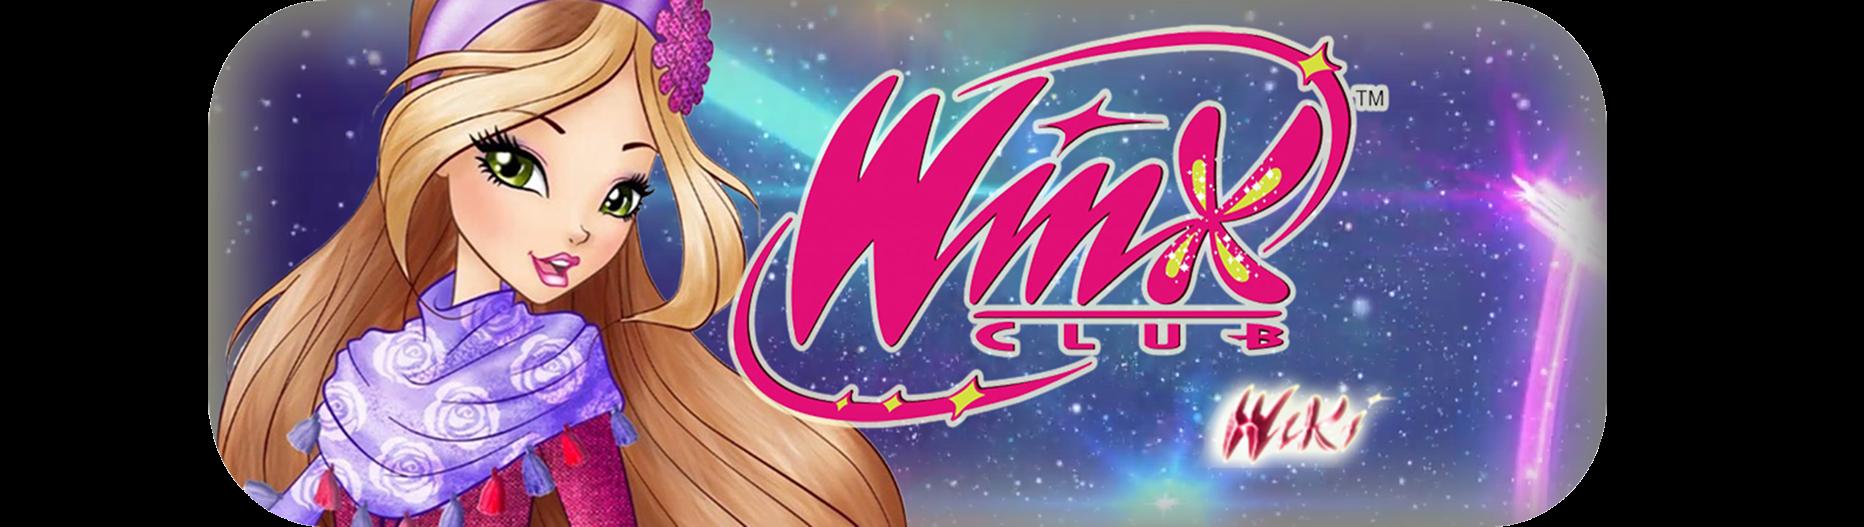 World of Winx | Winx Club Wiki | FANDOM powered by Wikia